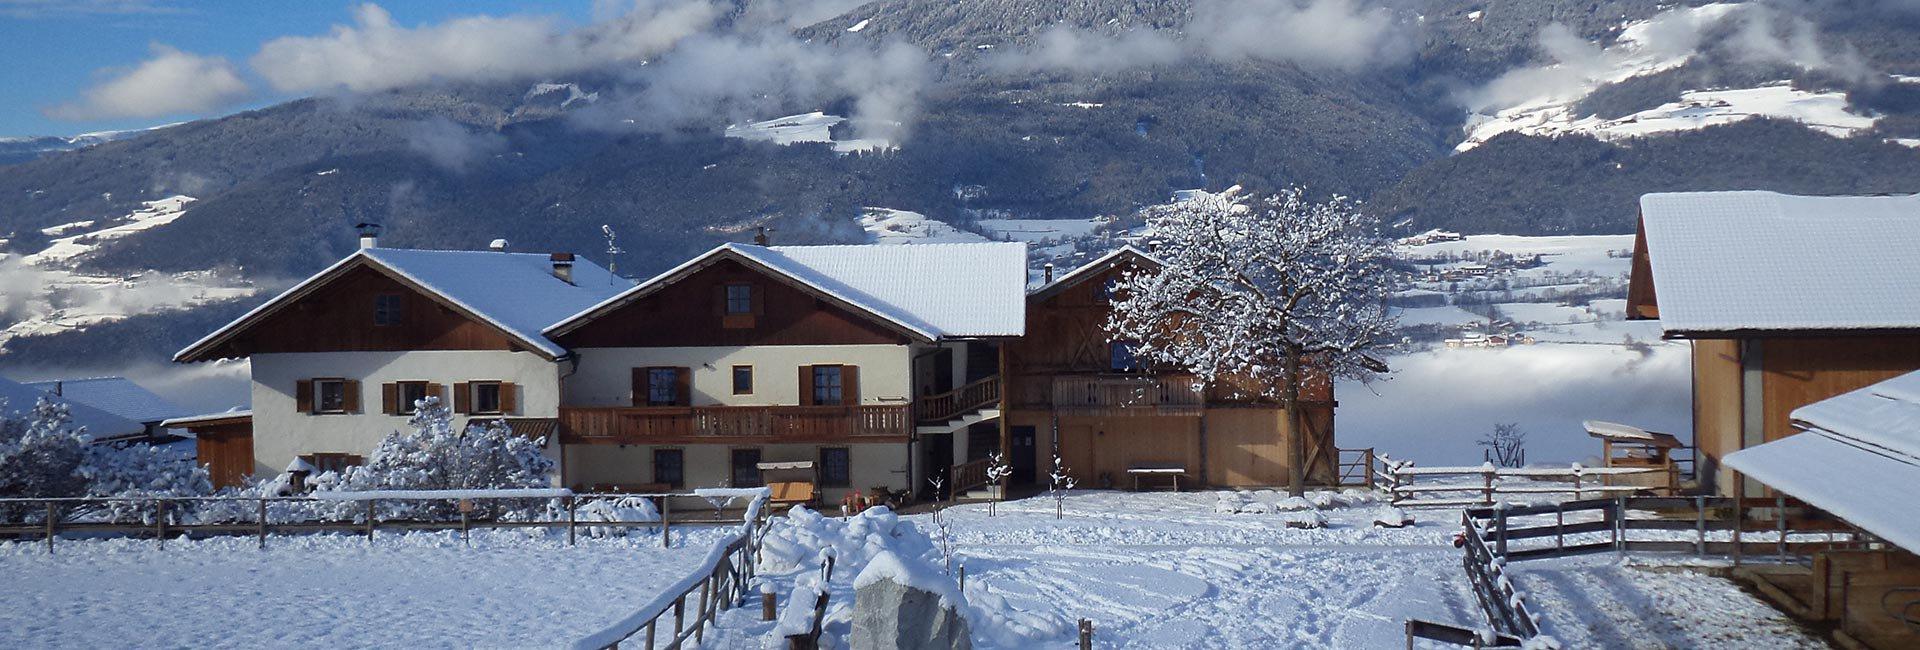 winterurlaub-brixen-1